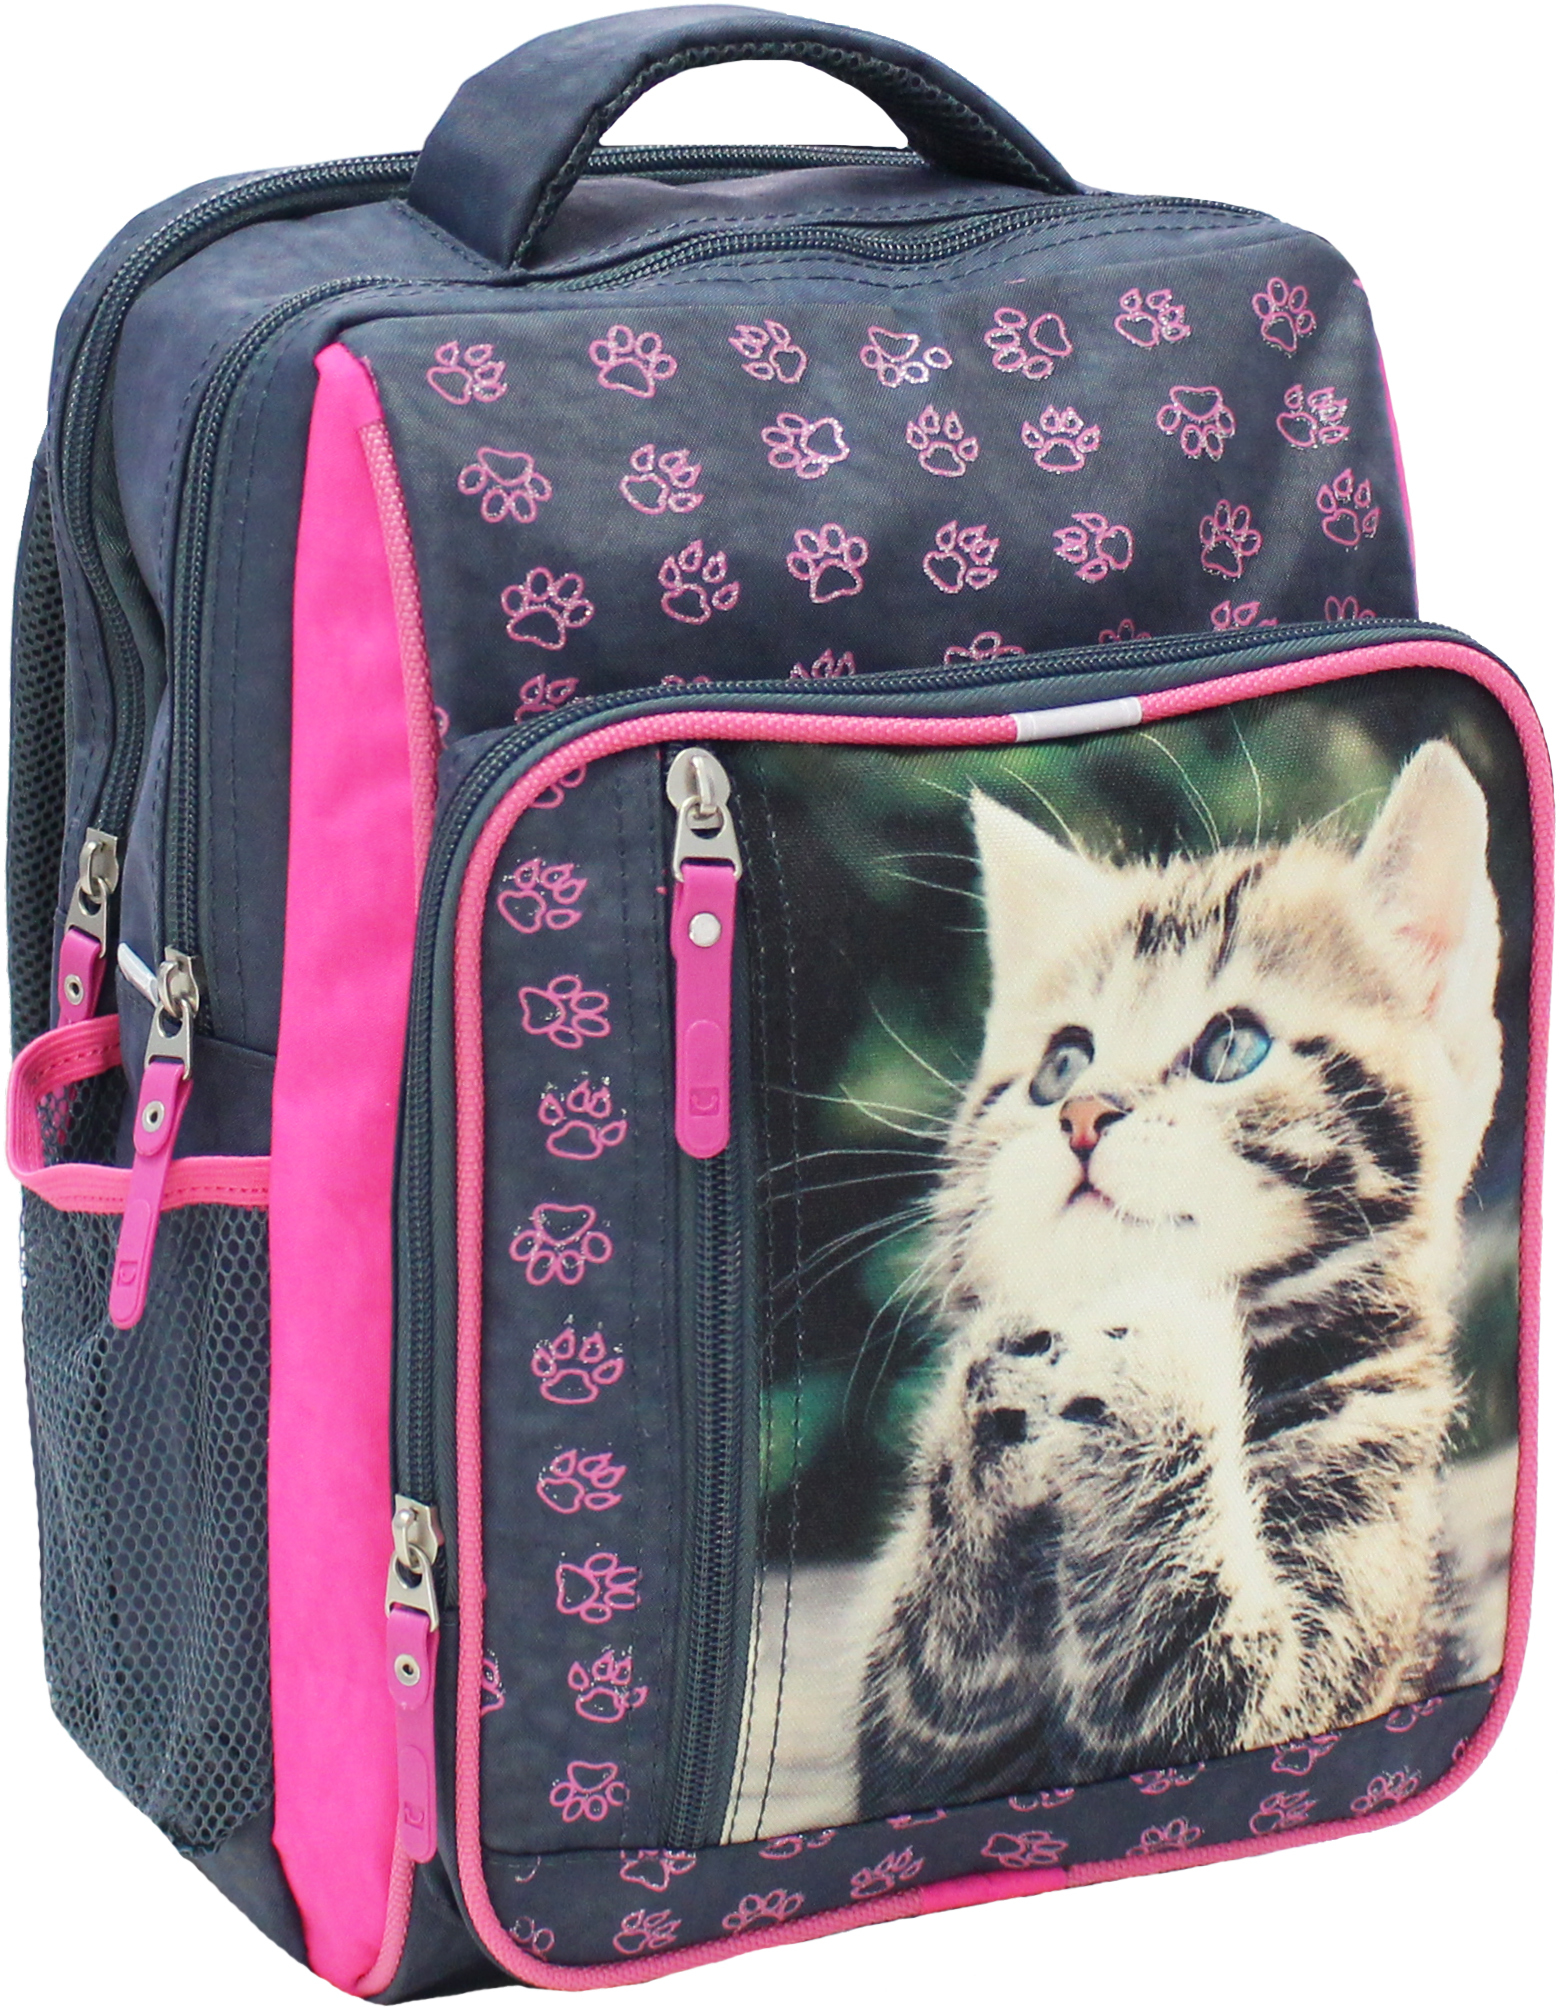 Школьные рюкзаки Рюкзак школьный Bagland Школьник 8 л. 321 сірий 21 д (00112702) IMG_5245.JPG